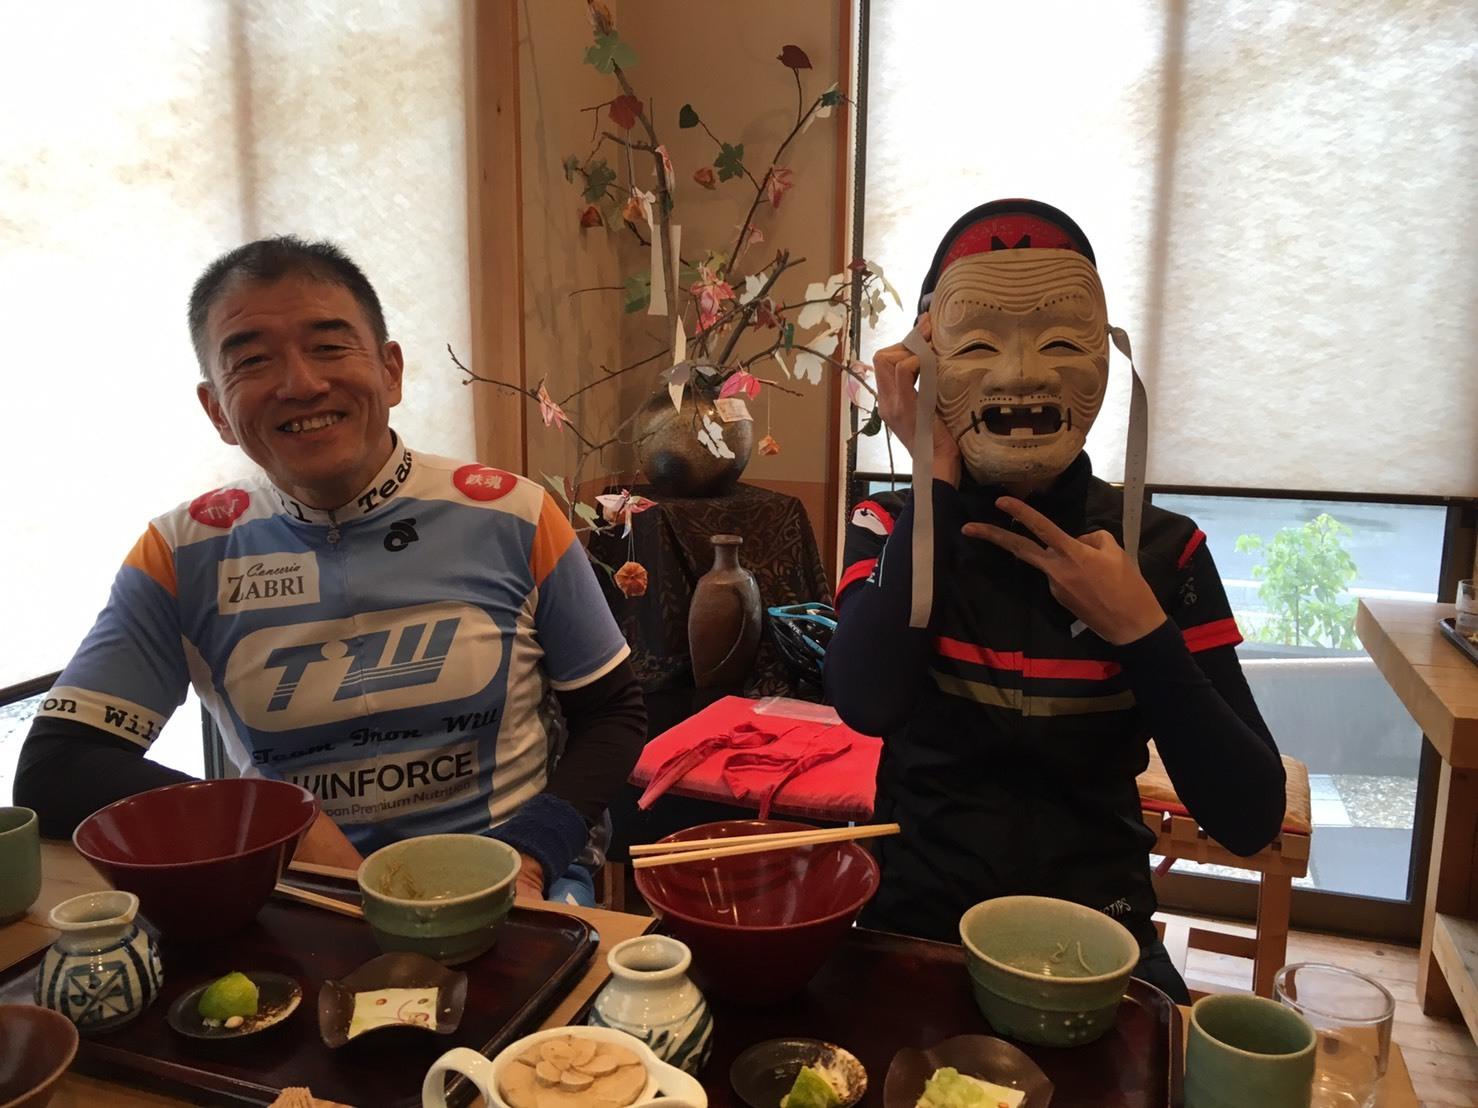 10月22日(土)開催の 「voyAge cycling\'sobaling\'115」の日記♪_c0351373_14543138.jpg